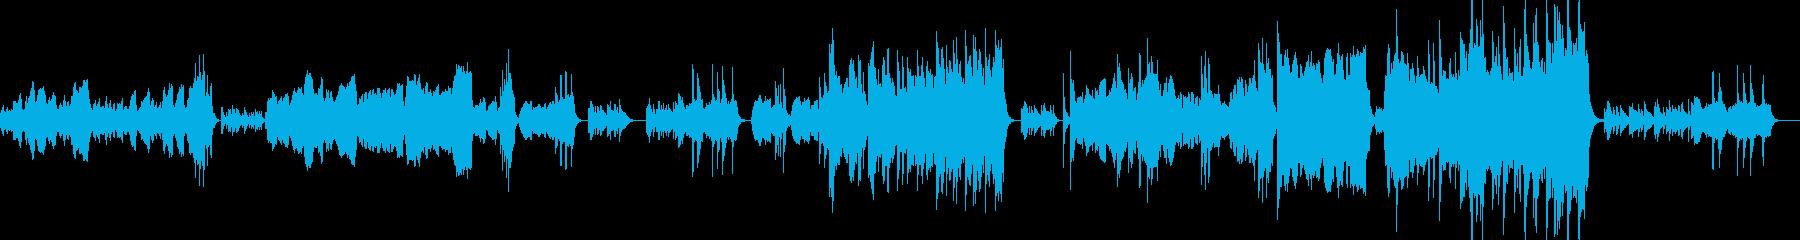 懐かしさ、切なさの感情を弦楽器で表現の再生済みの波形